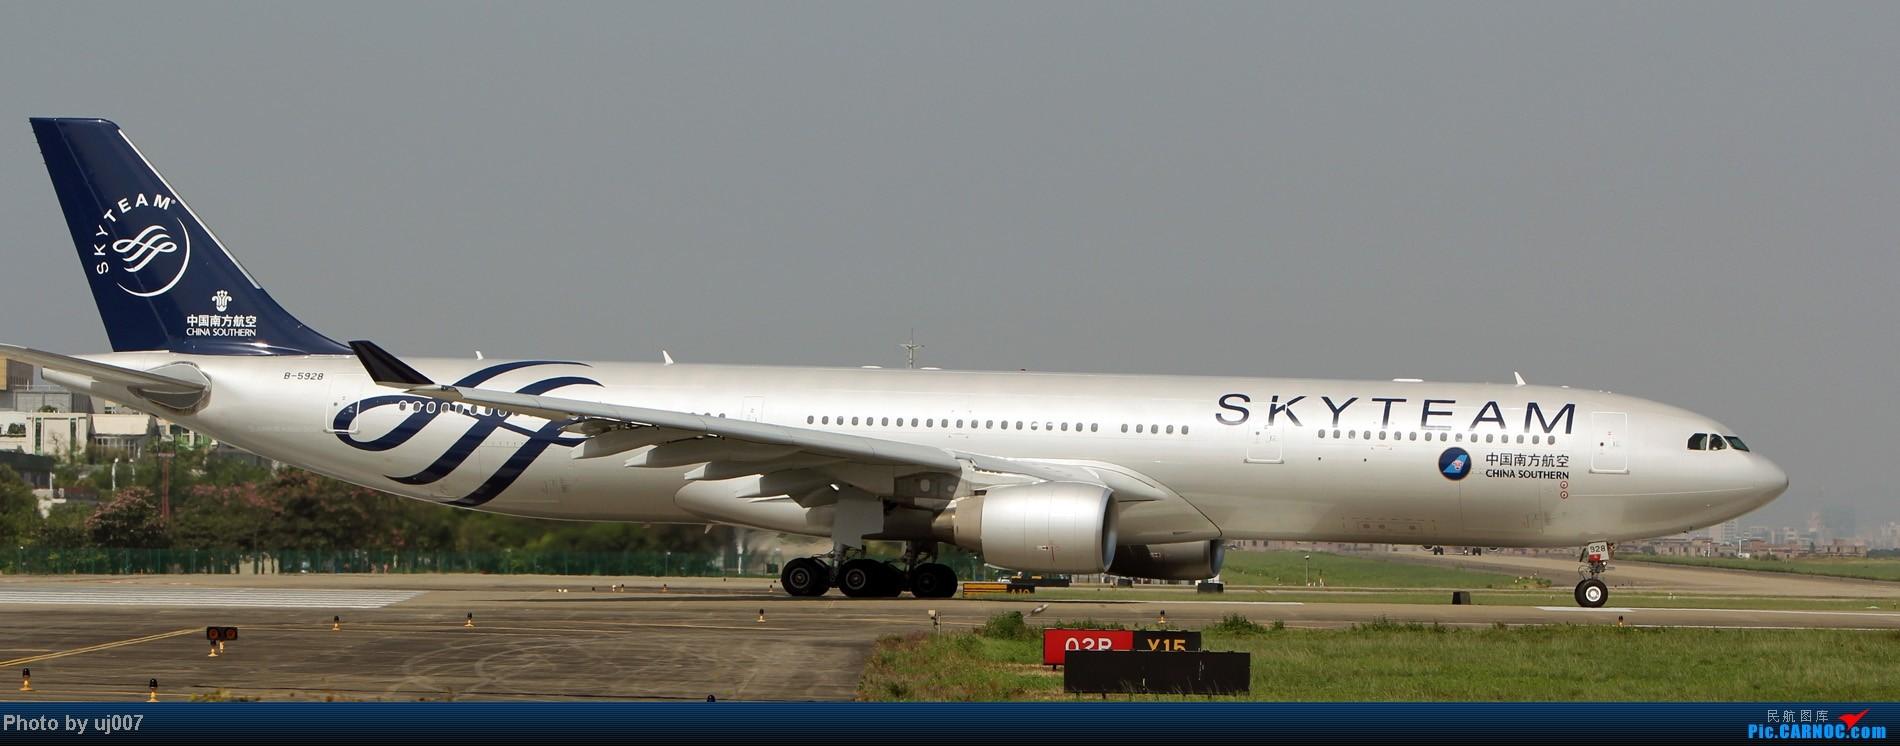 Re:[原创]10月2日白云拍机(大飞机,特别妆,外航,闪灯,擦烟)求指点. AIRBUS A330-300 B-5928 中国广州白云机场